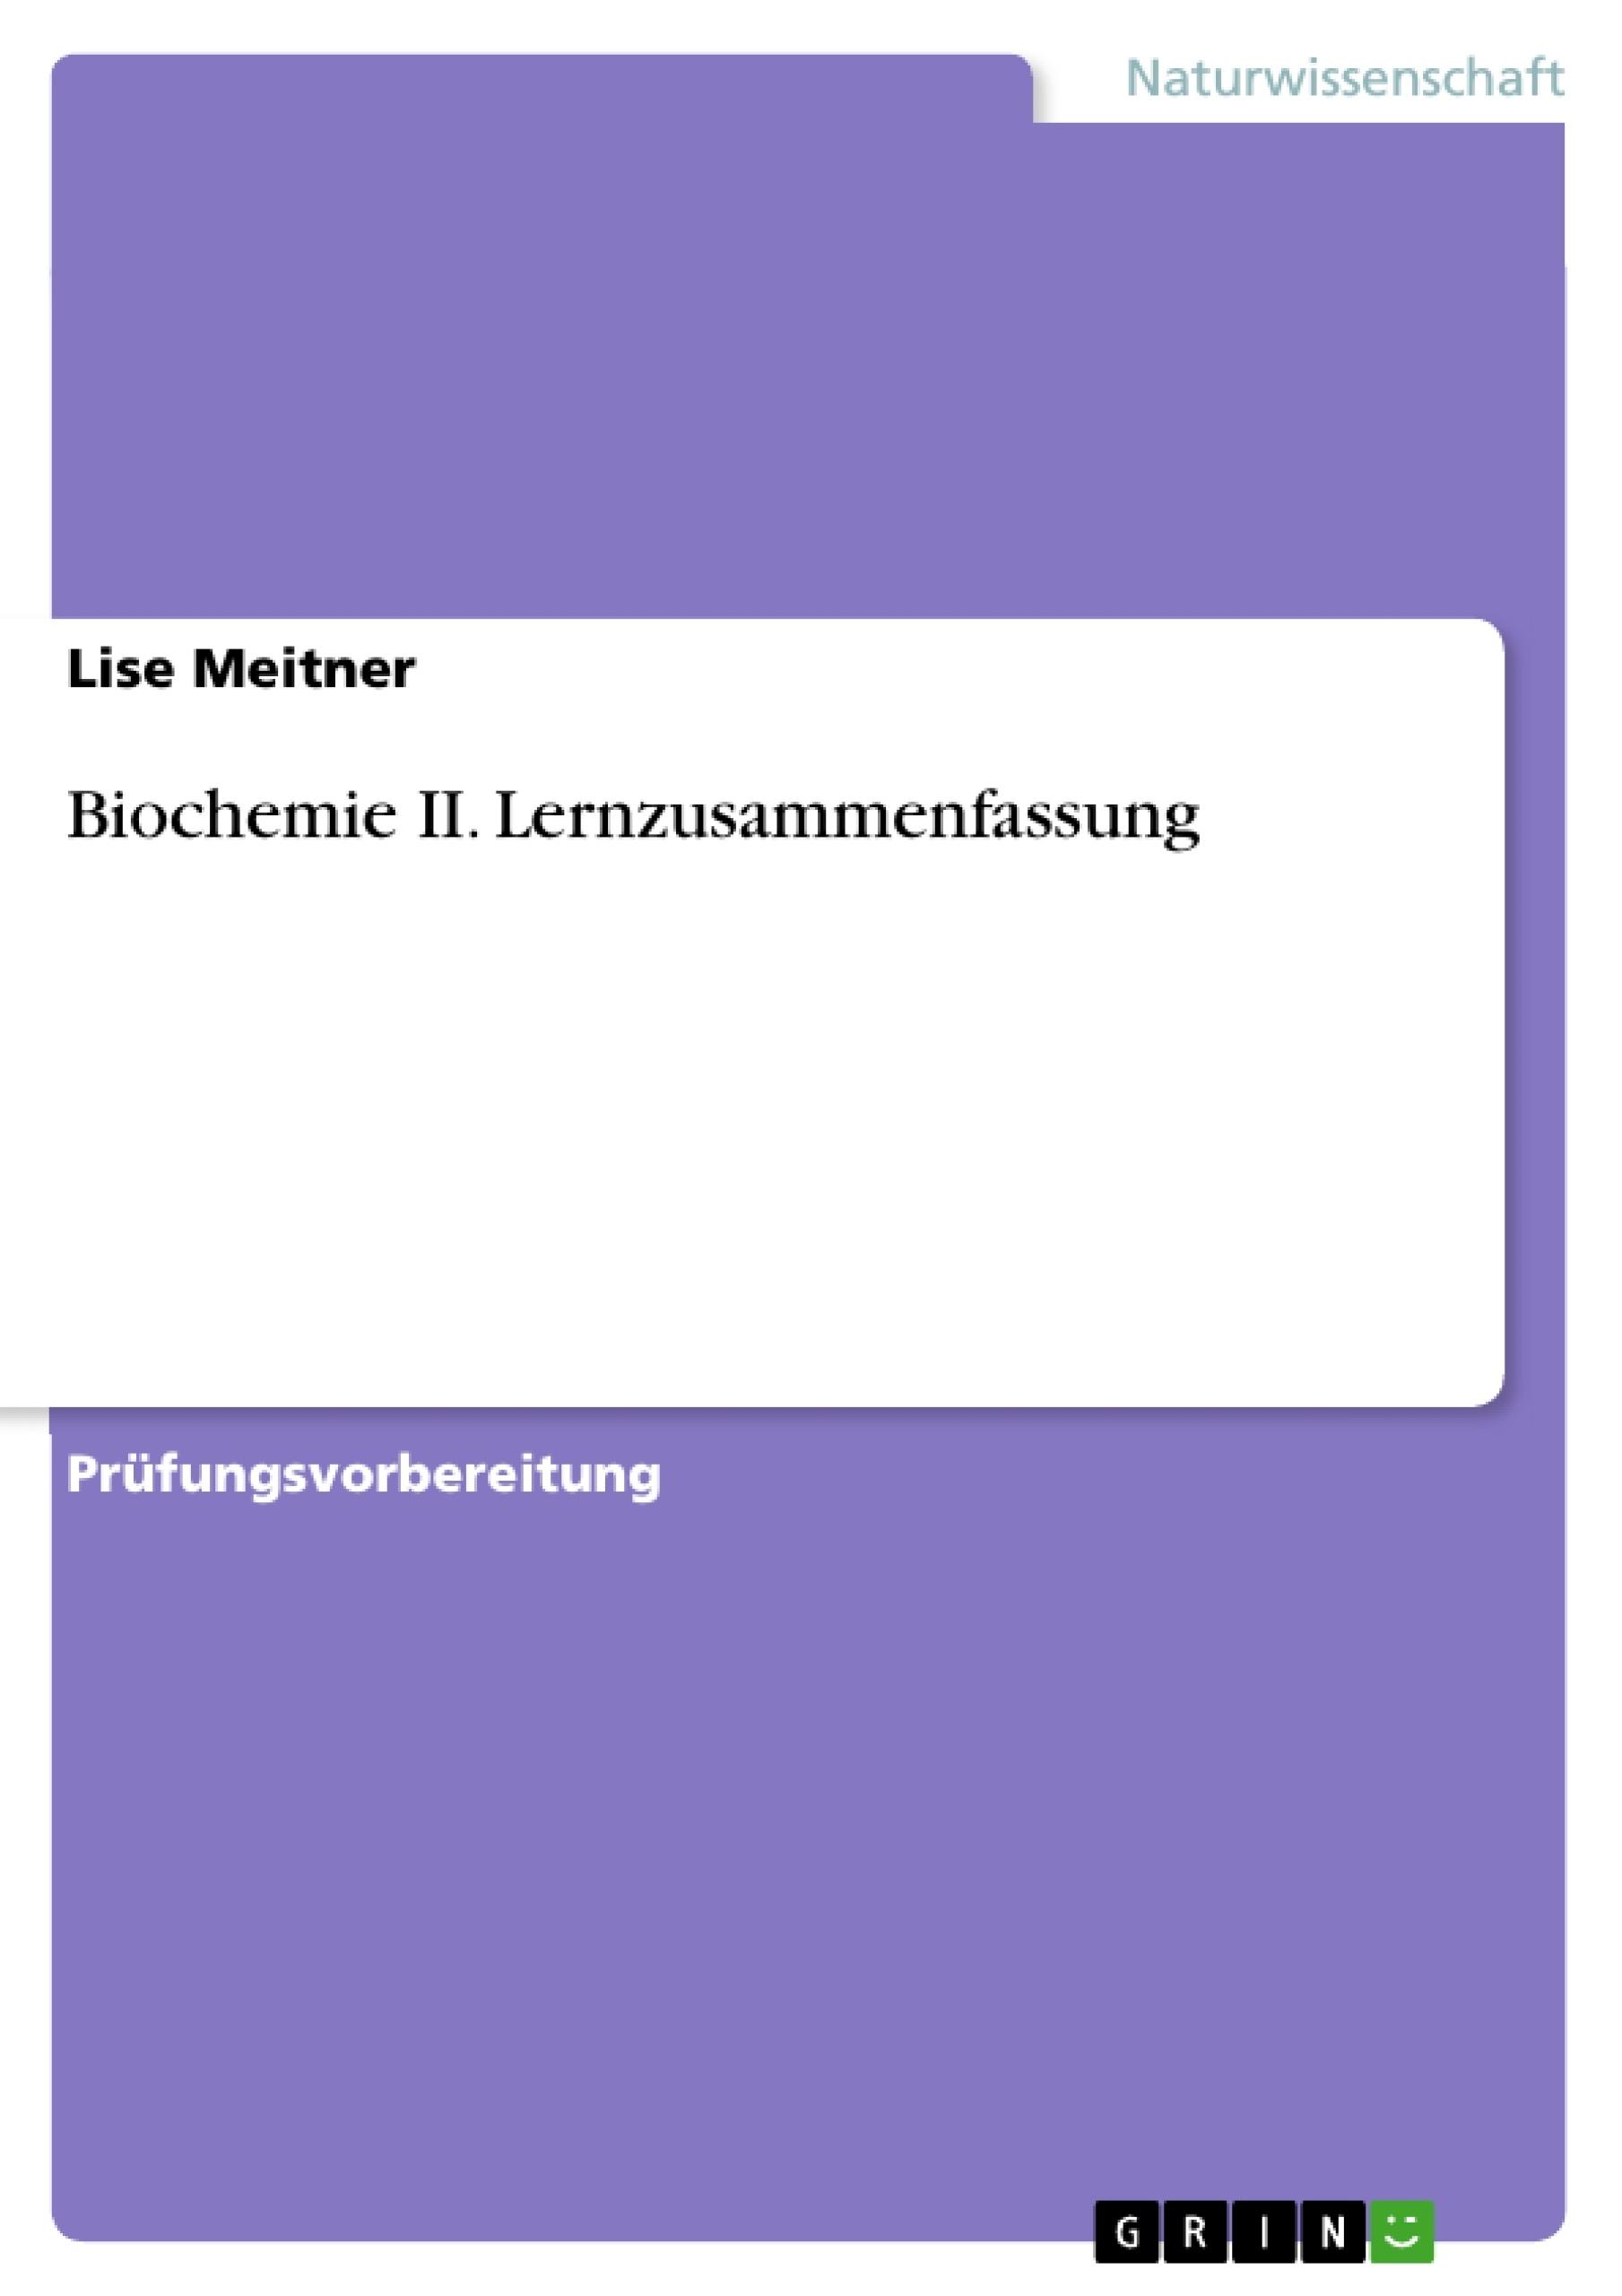 Titel: Biochemie II. Lernzusammenfassung